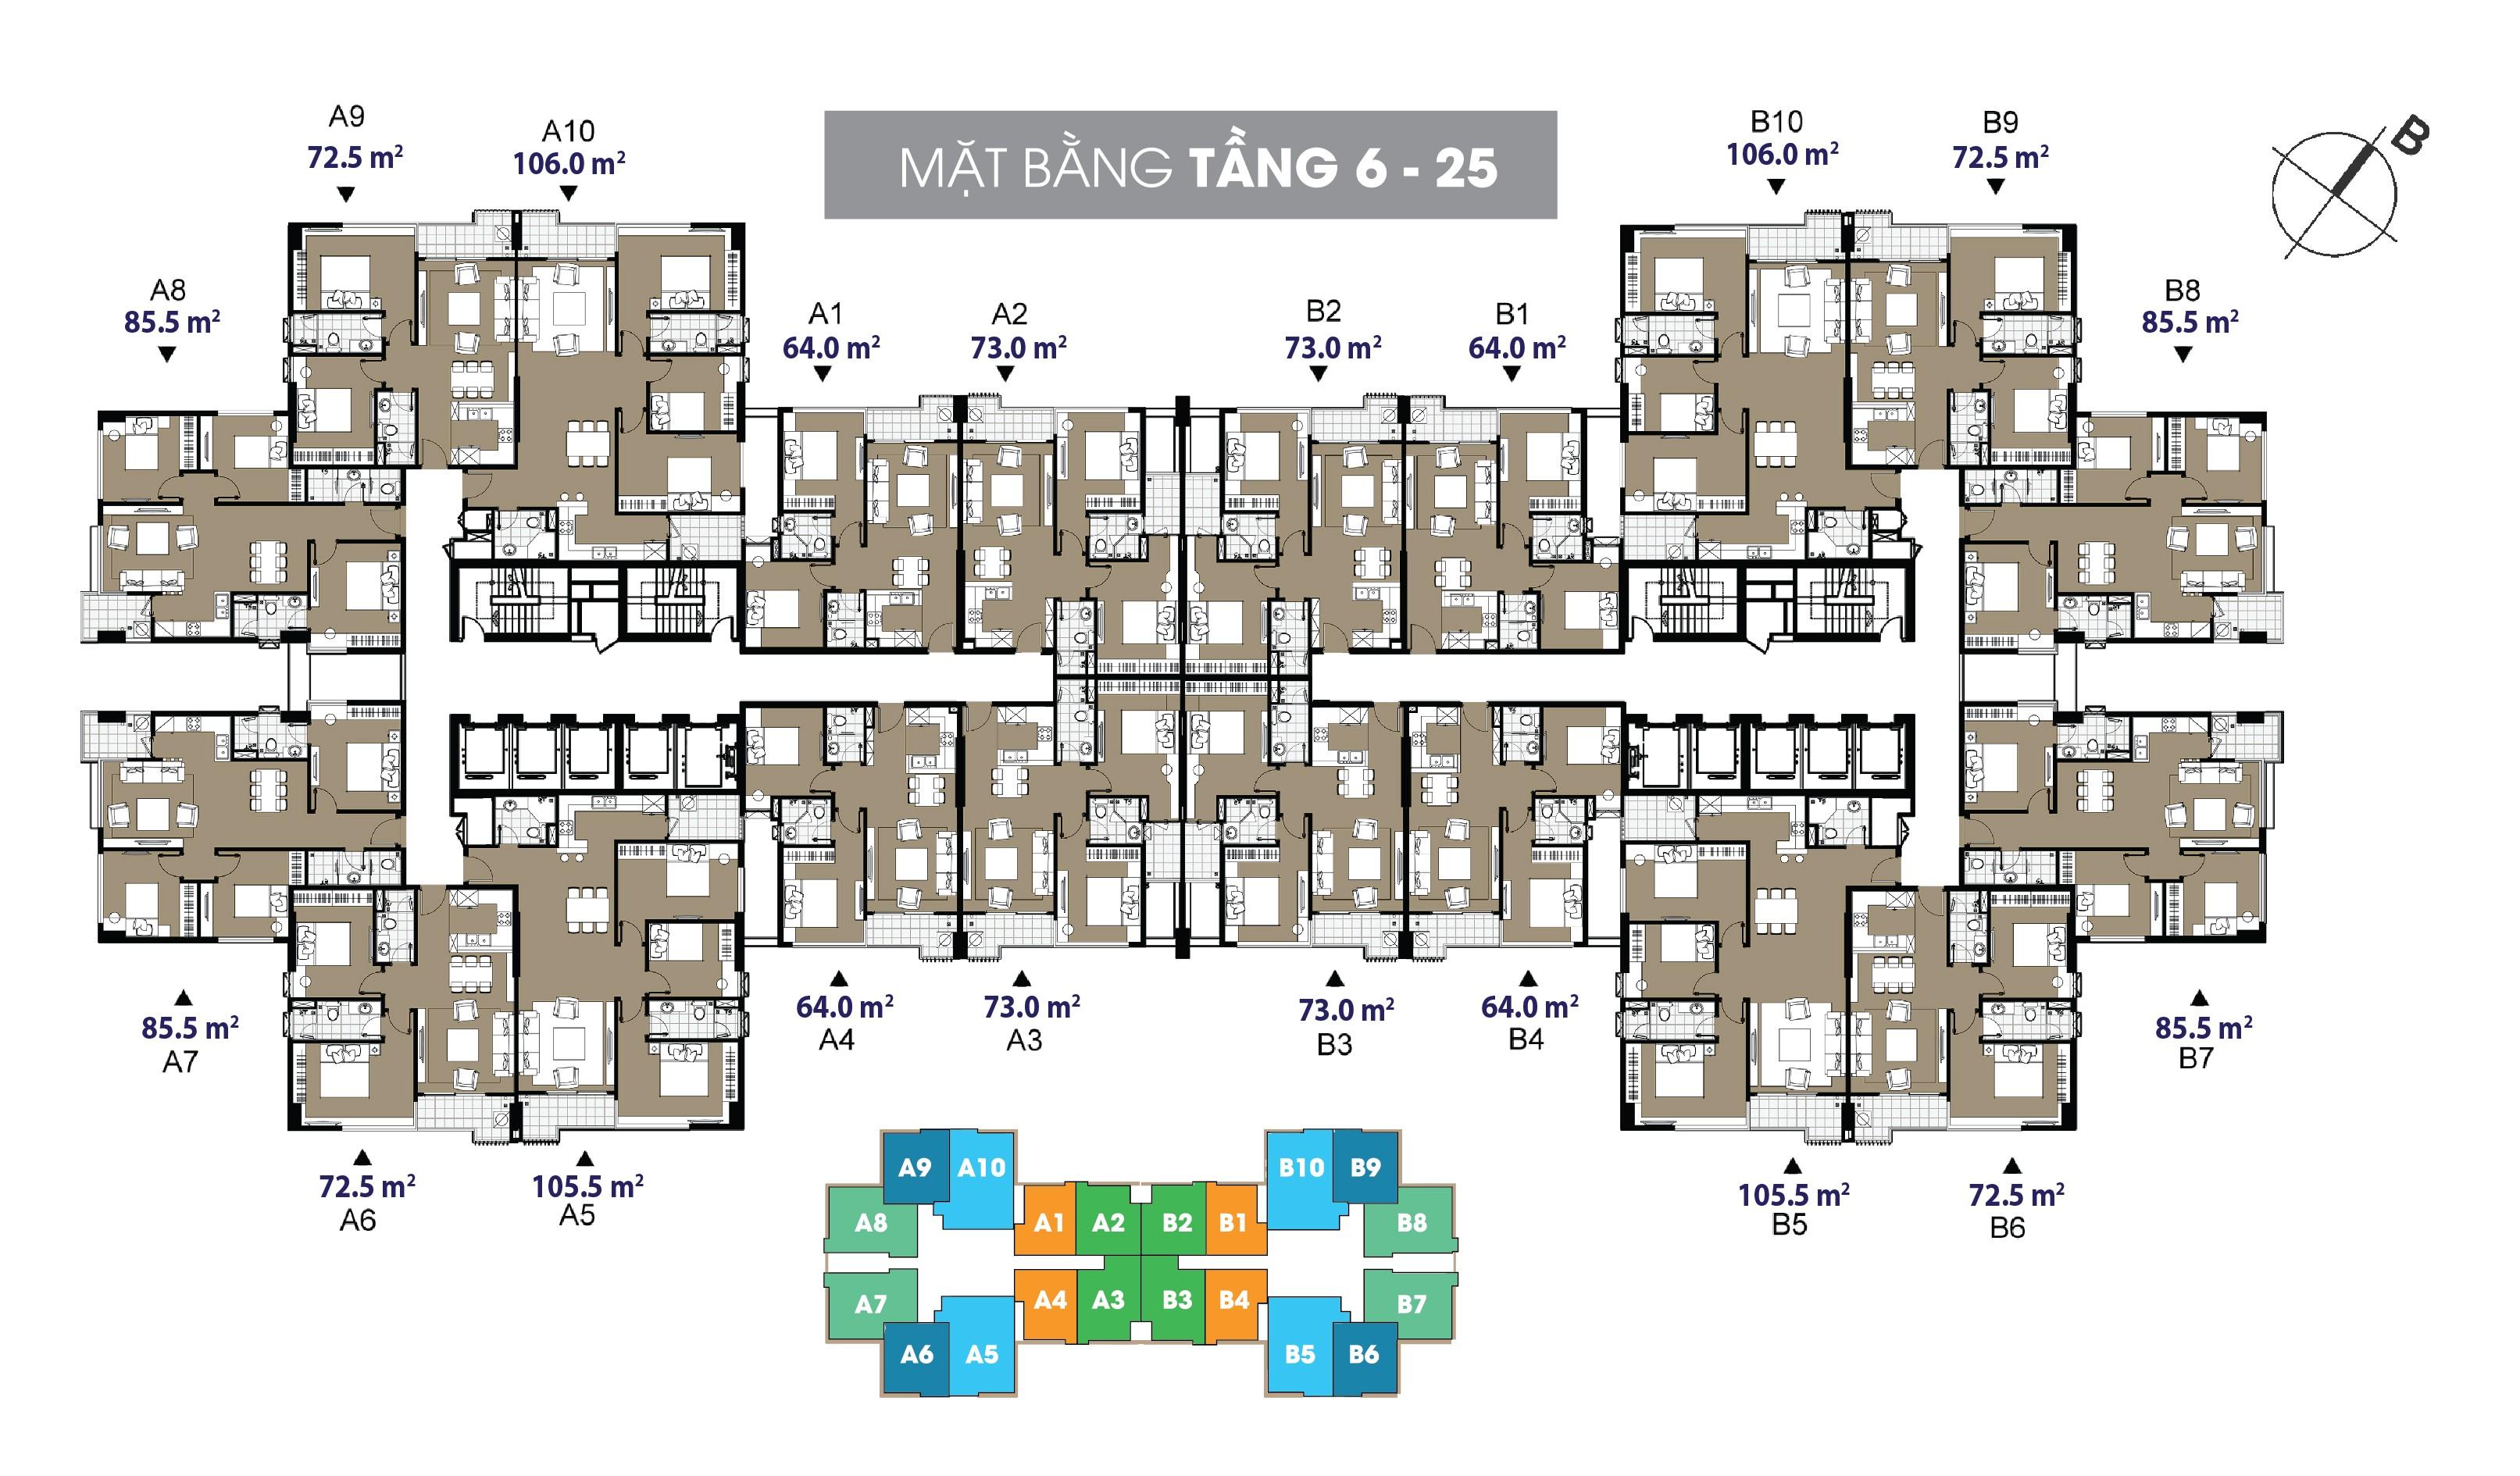 mat-bang-tang-6-25-chung-cu-the-legend-tower